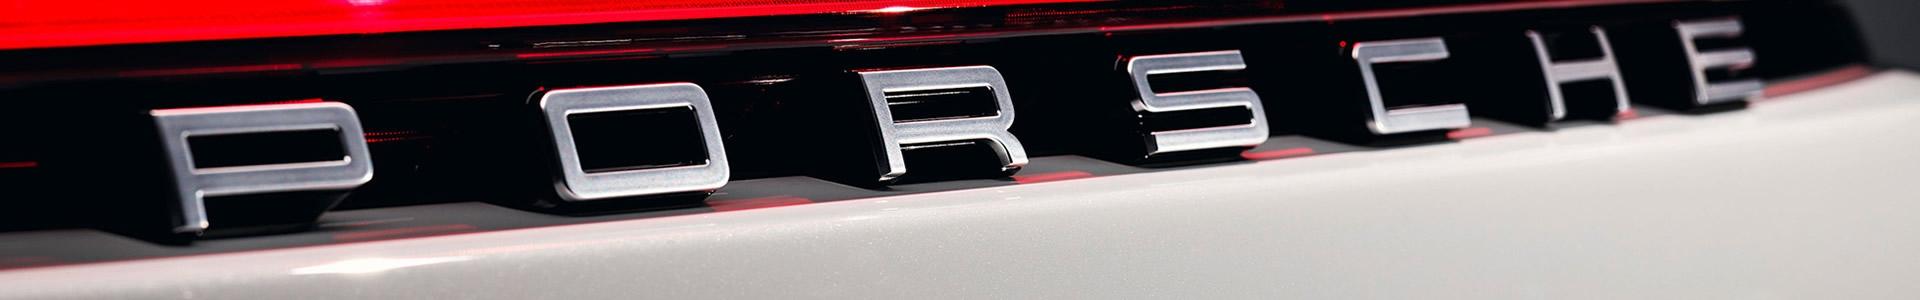 Porsche-top.jpg